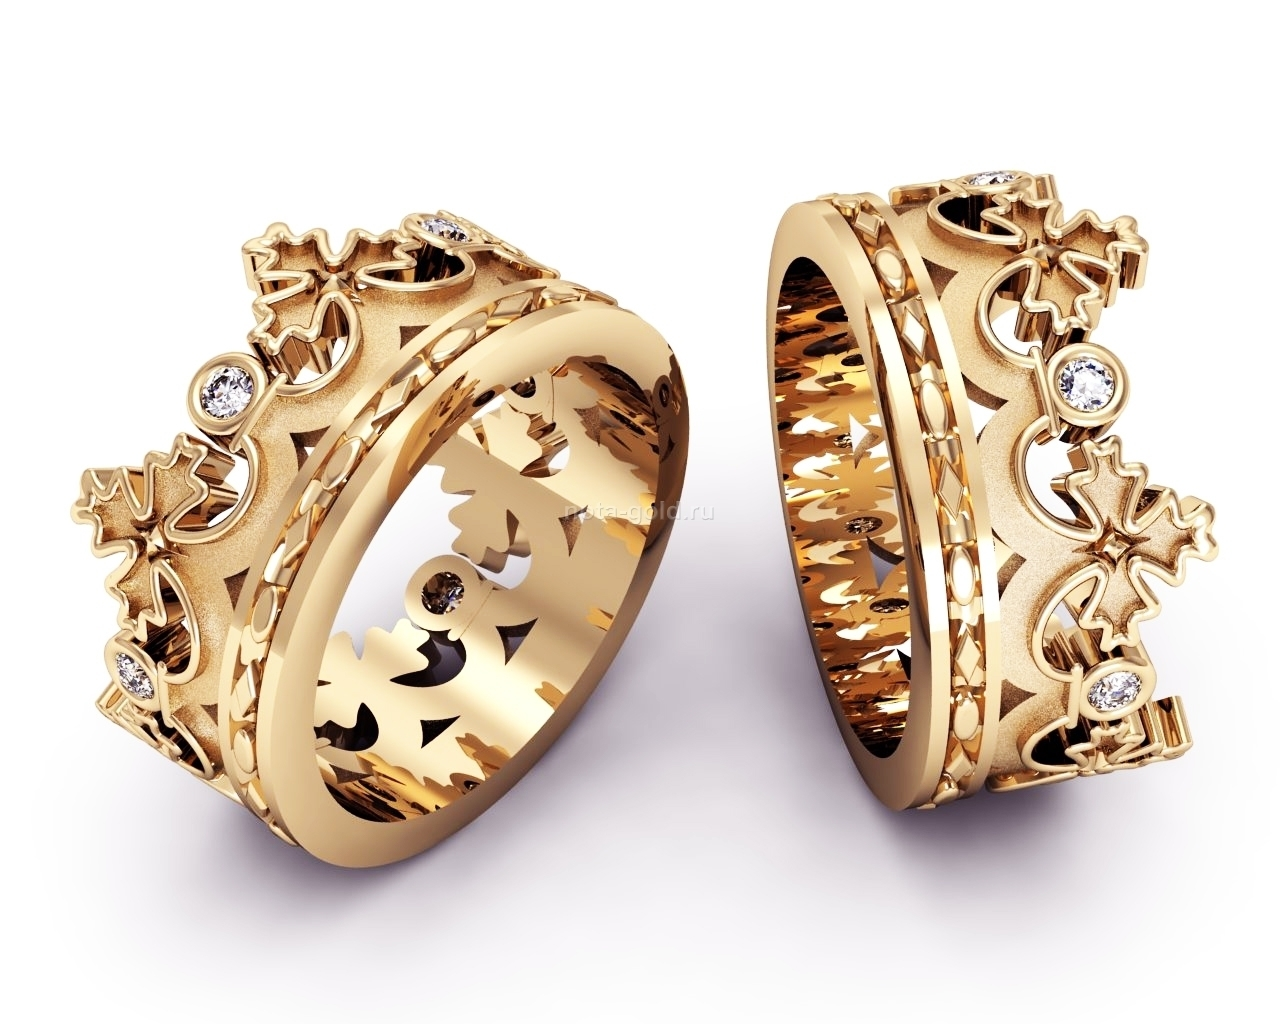 Где купить обручальные кольца в Челябинске? Магазины обручальных колец в Челябинске